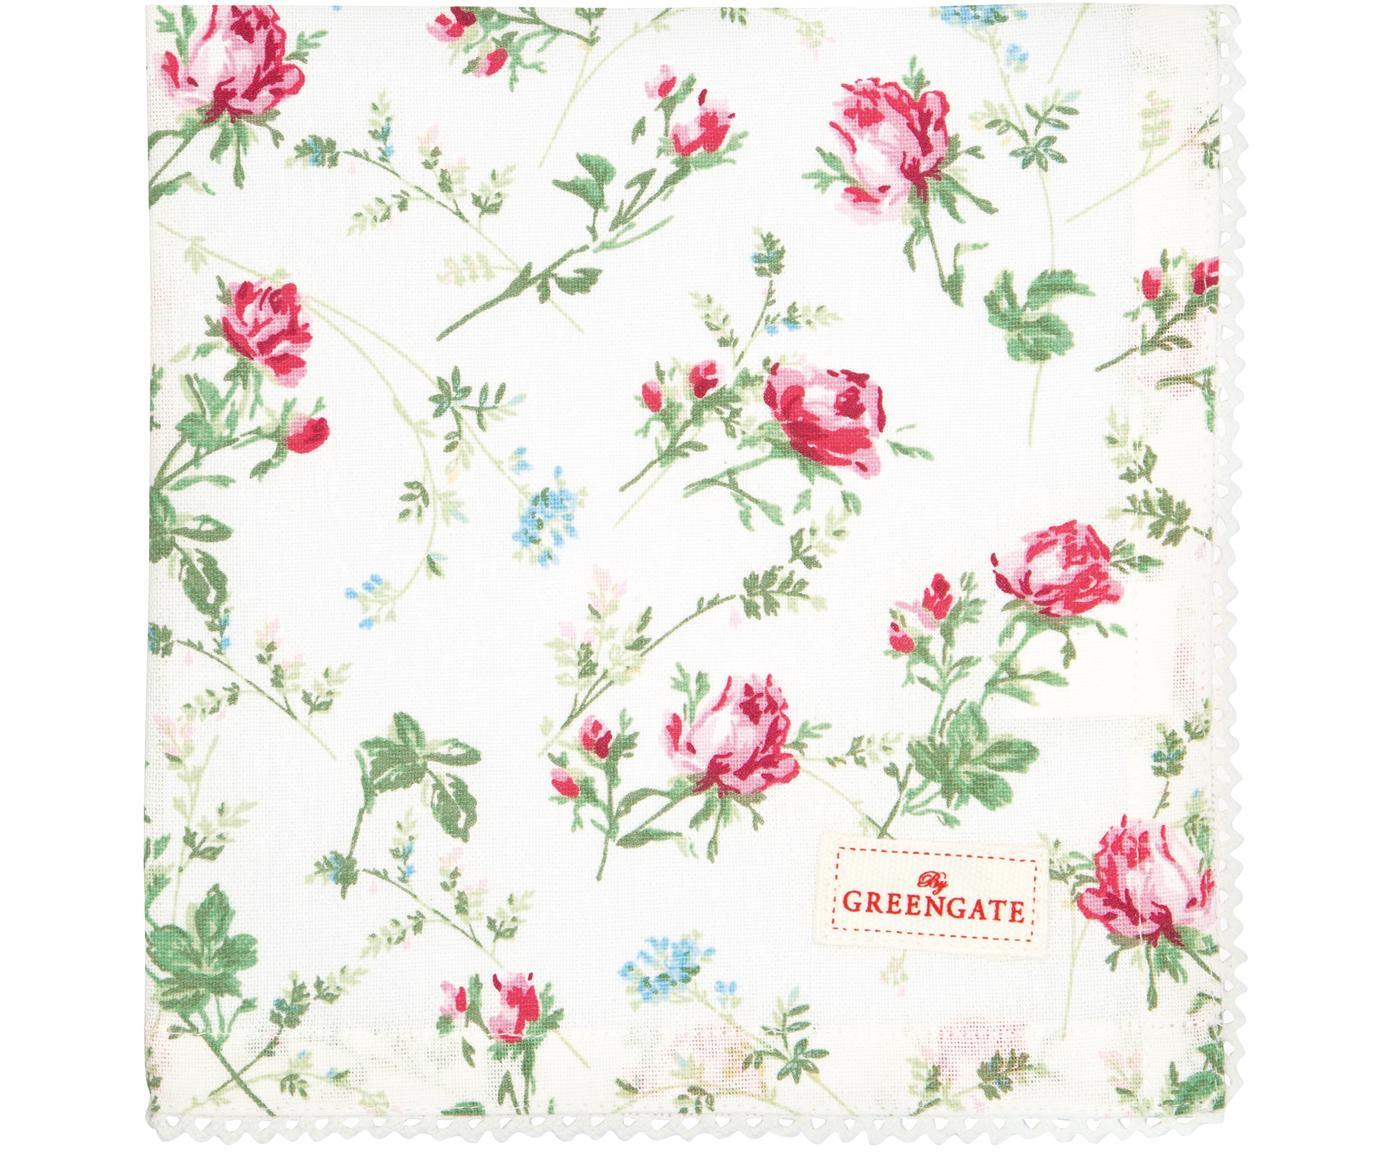 Katoenen servetten Constance met rozenpatroon, 2 stuks, Katoen, Wit, multicolour, 40 x 40 cm